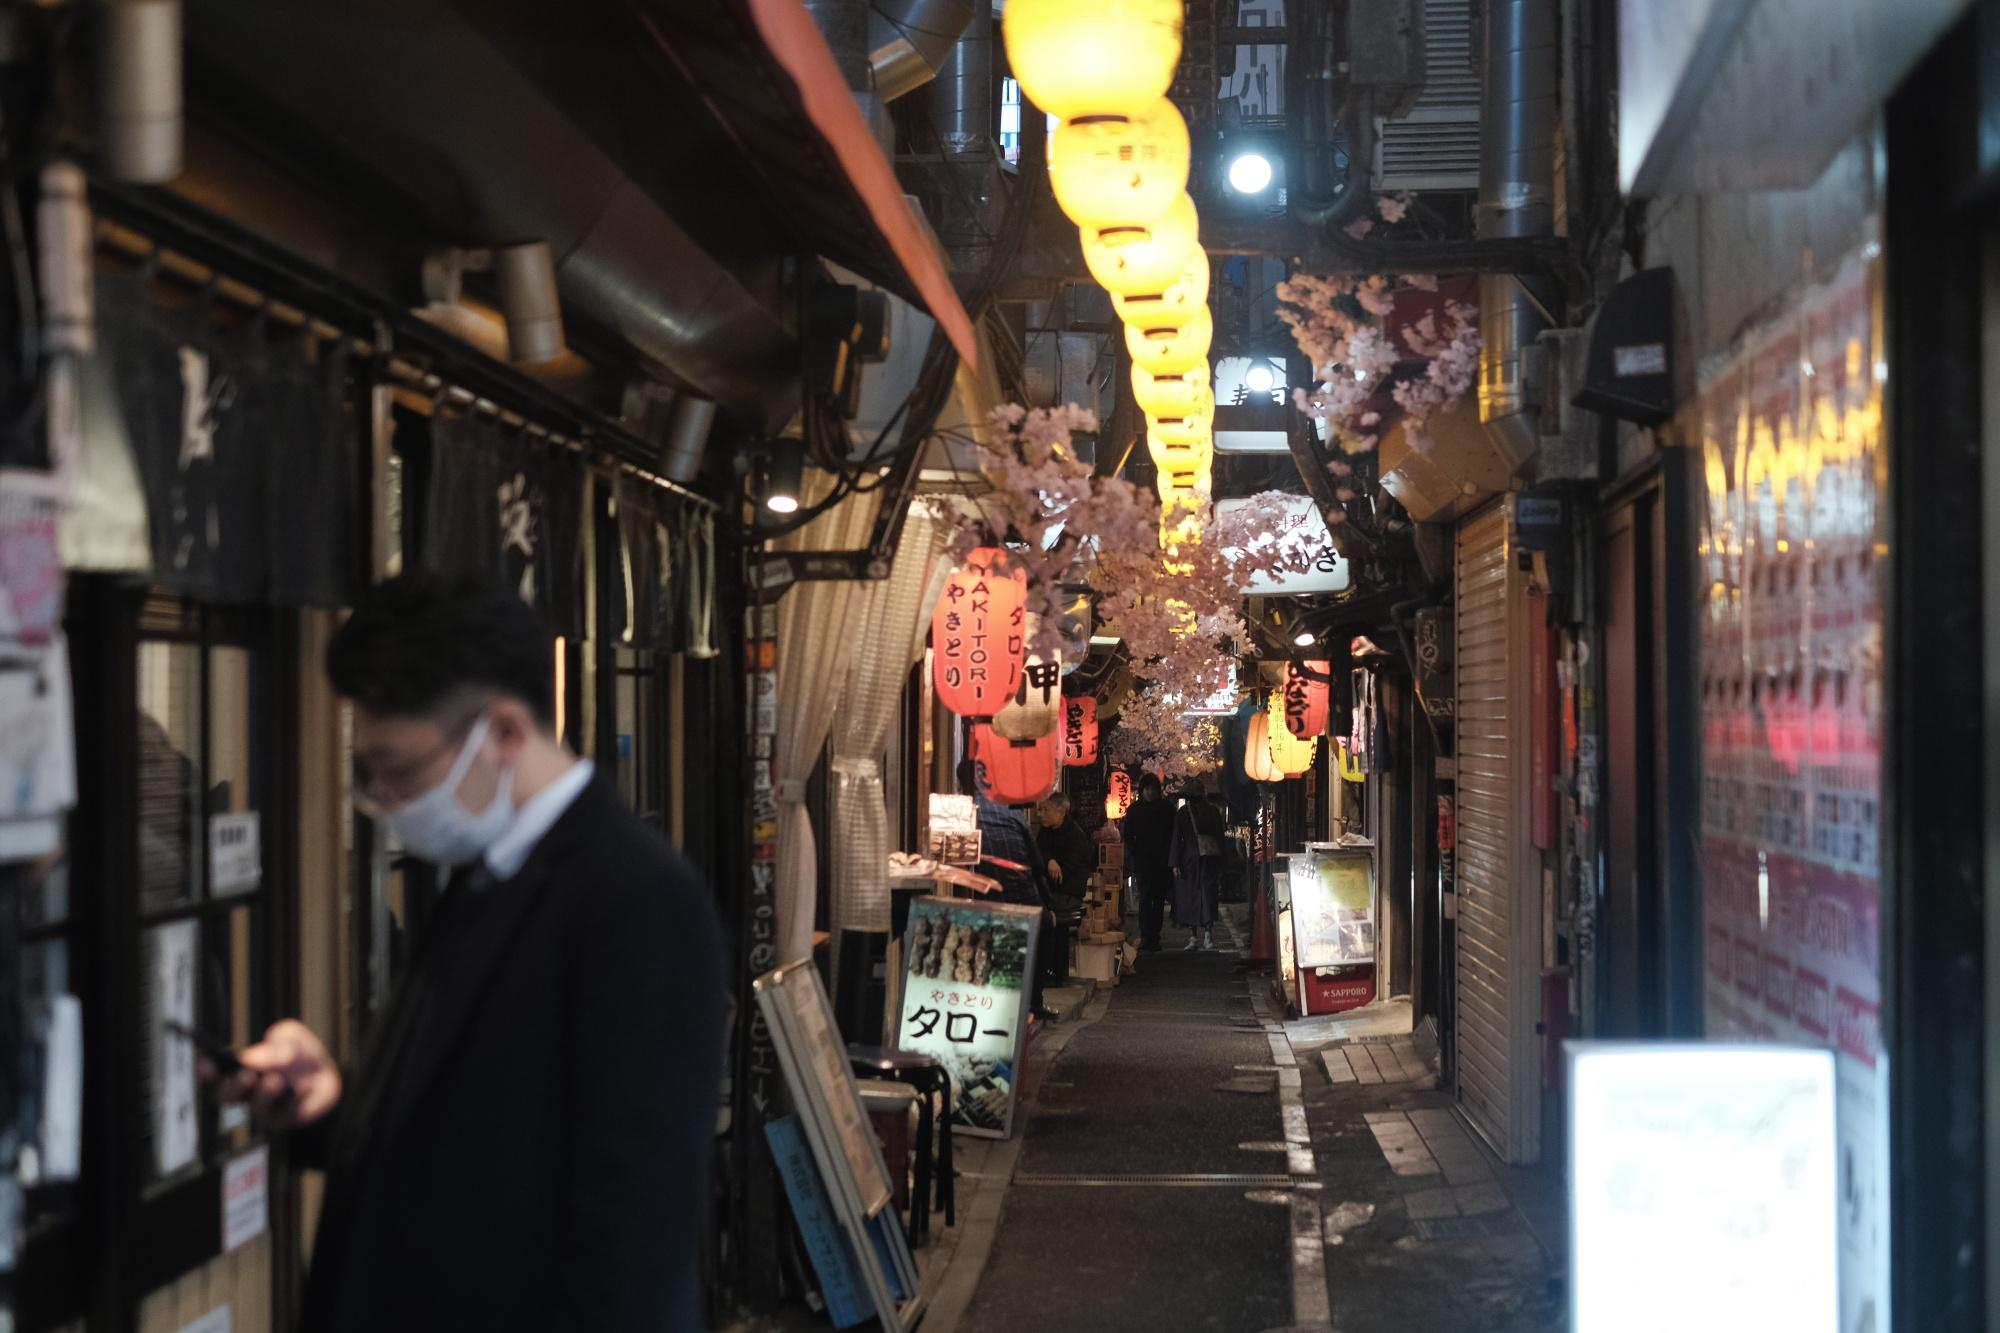 日本はオリンピック聖火リレーに先立ってウイルス緊急事態を提起